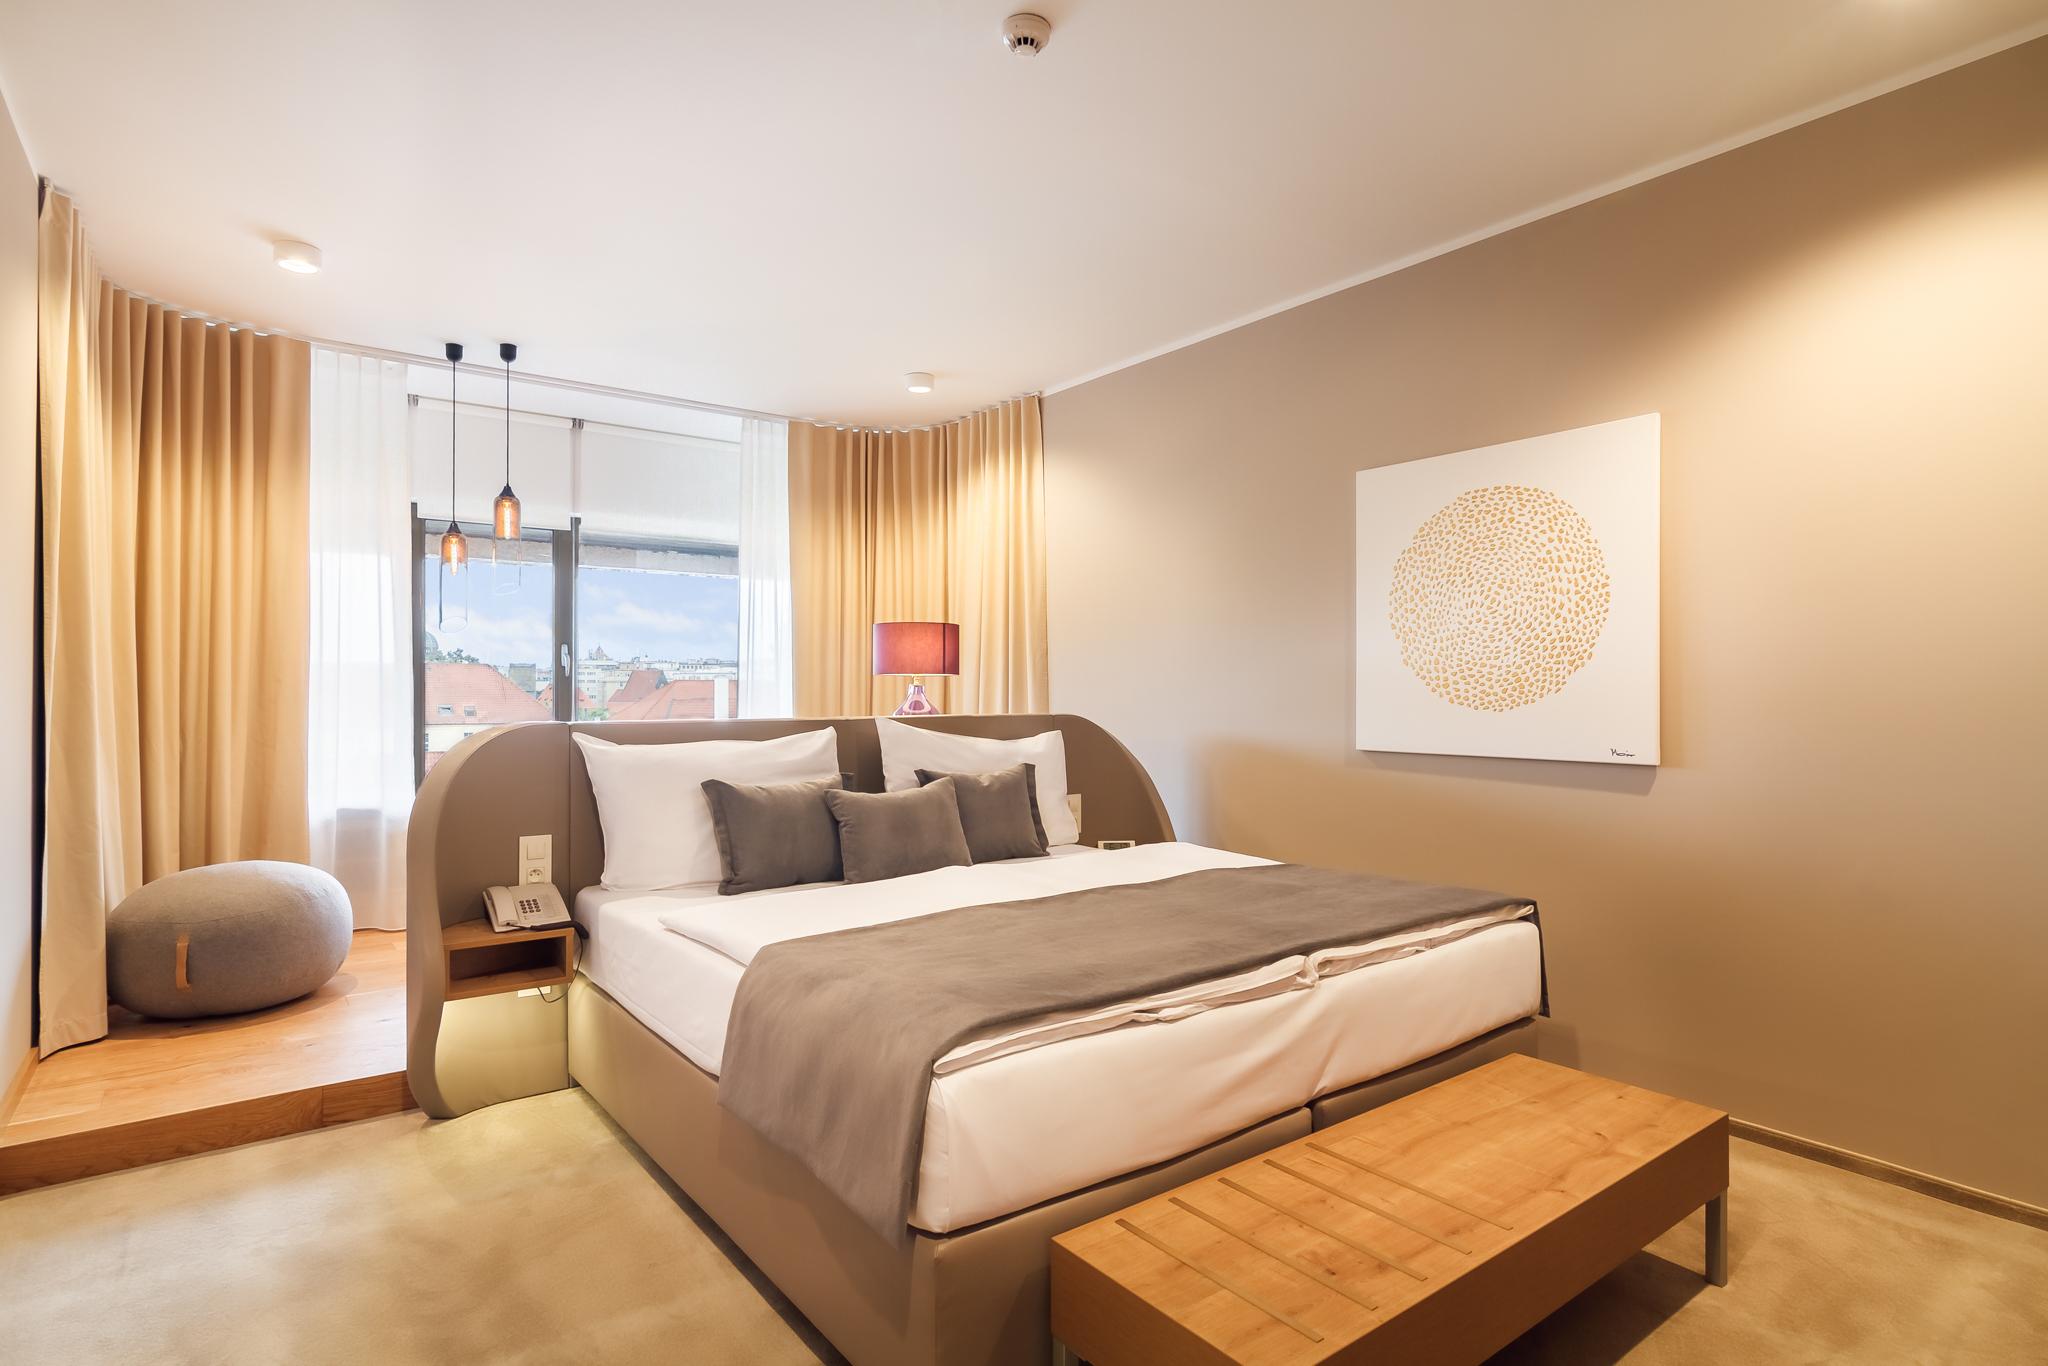 Hotel President_New_Rooms_72dpi-6.jpg